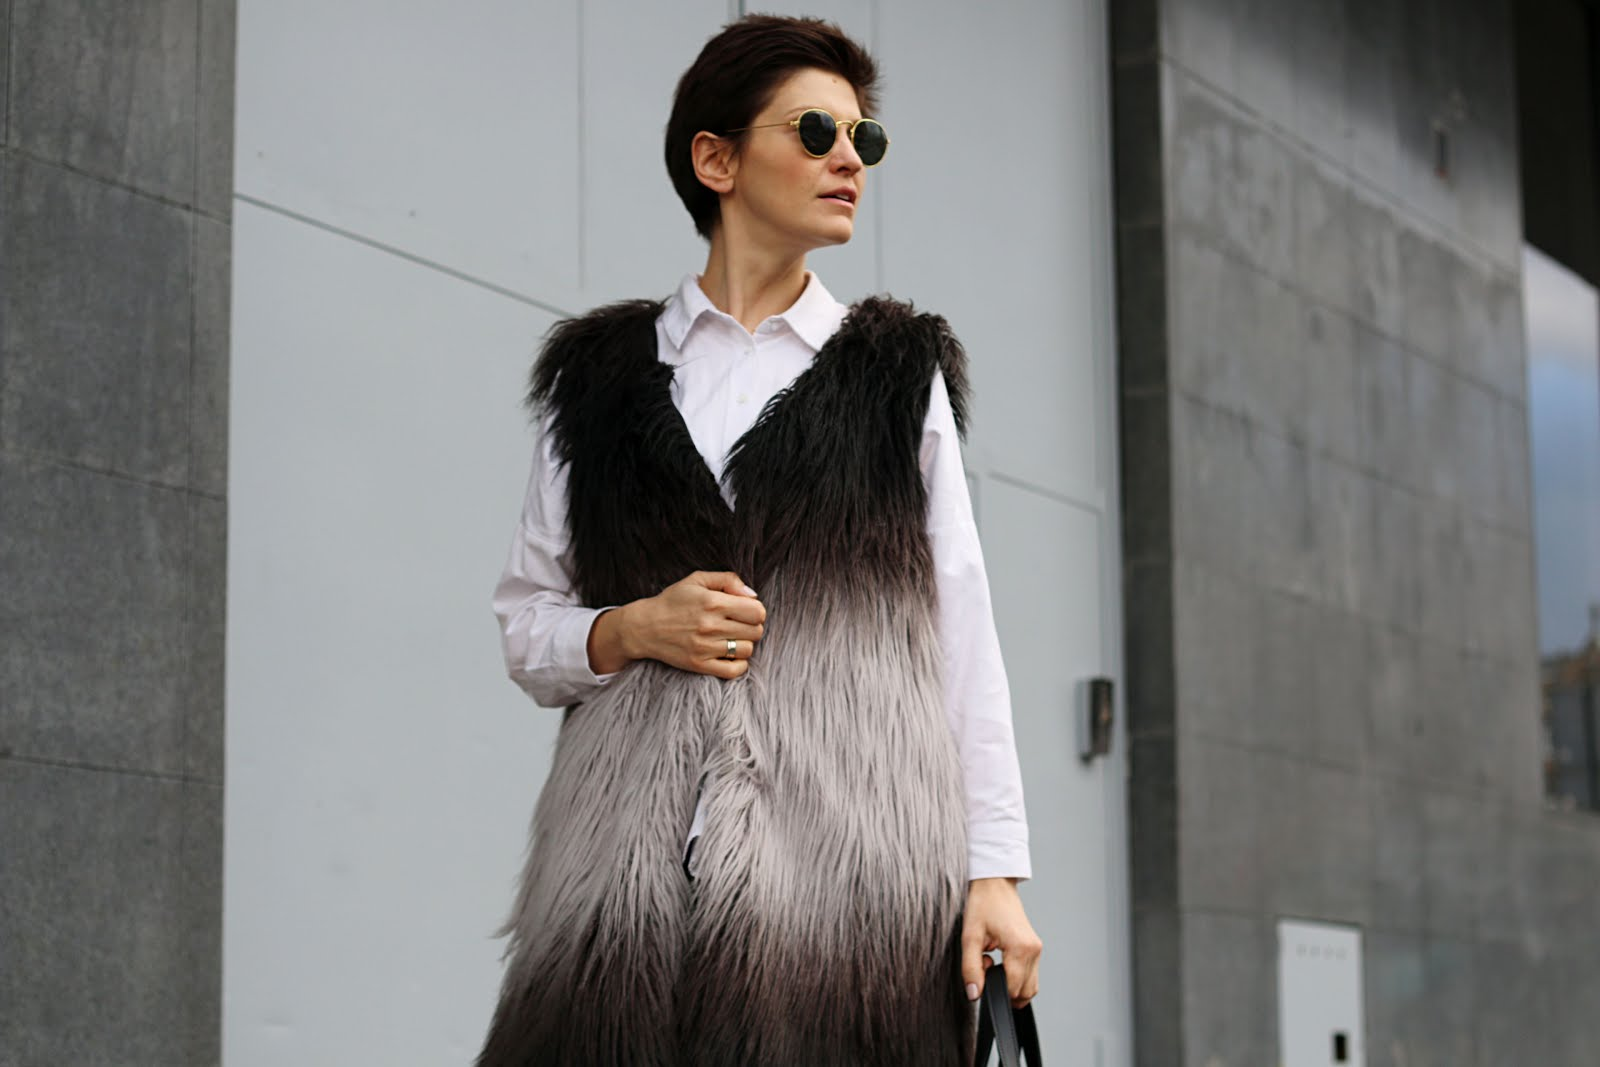 Futrzana kamizelka i biała koszula * jesienna stylizacja